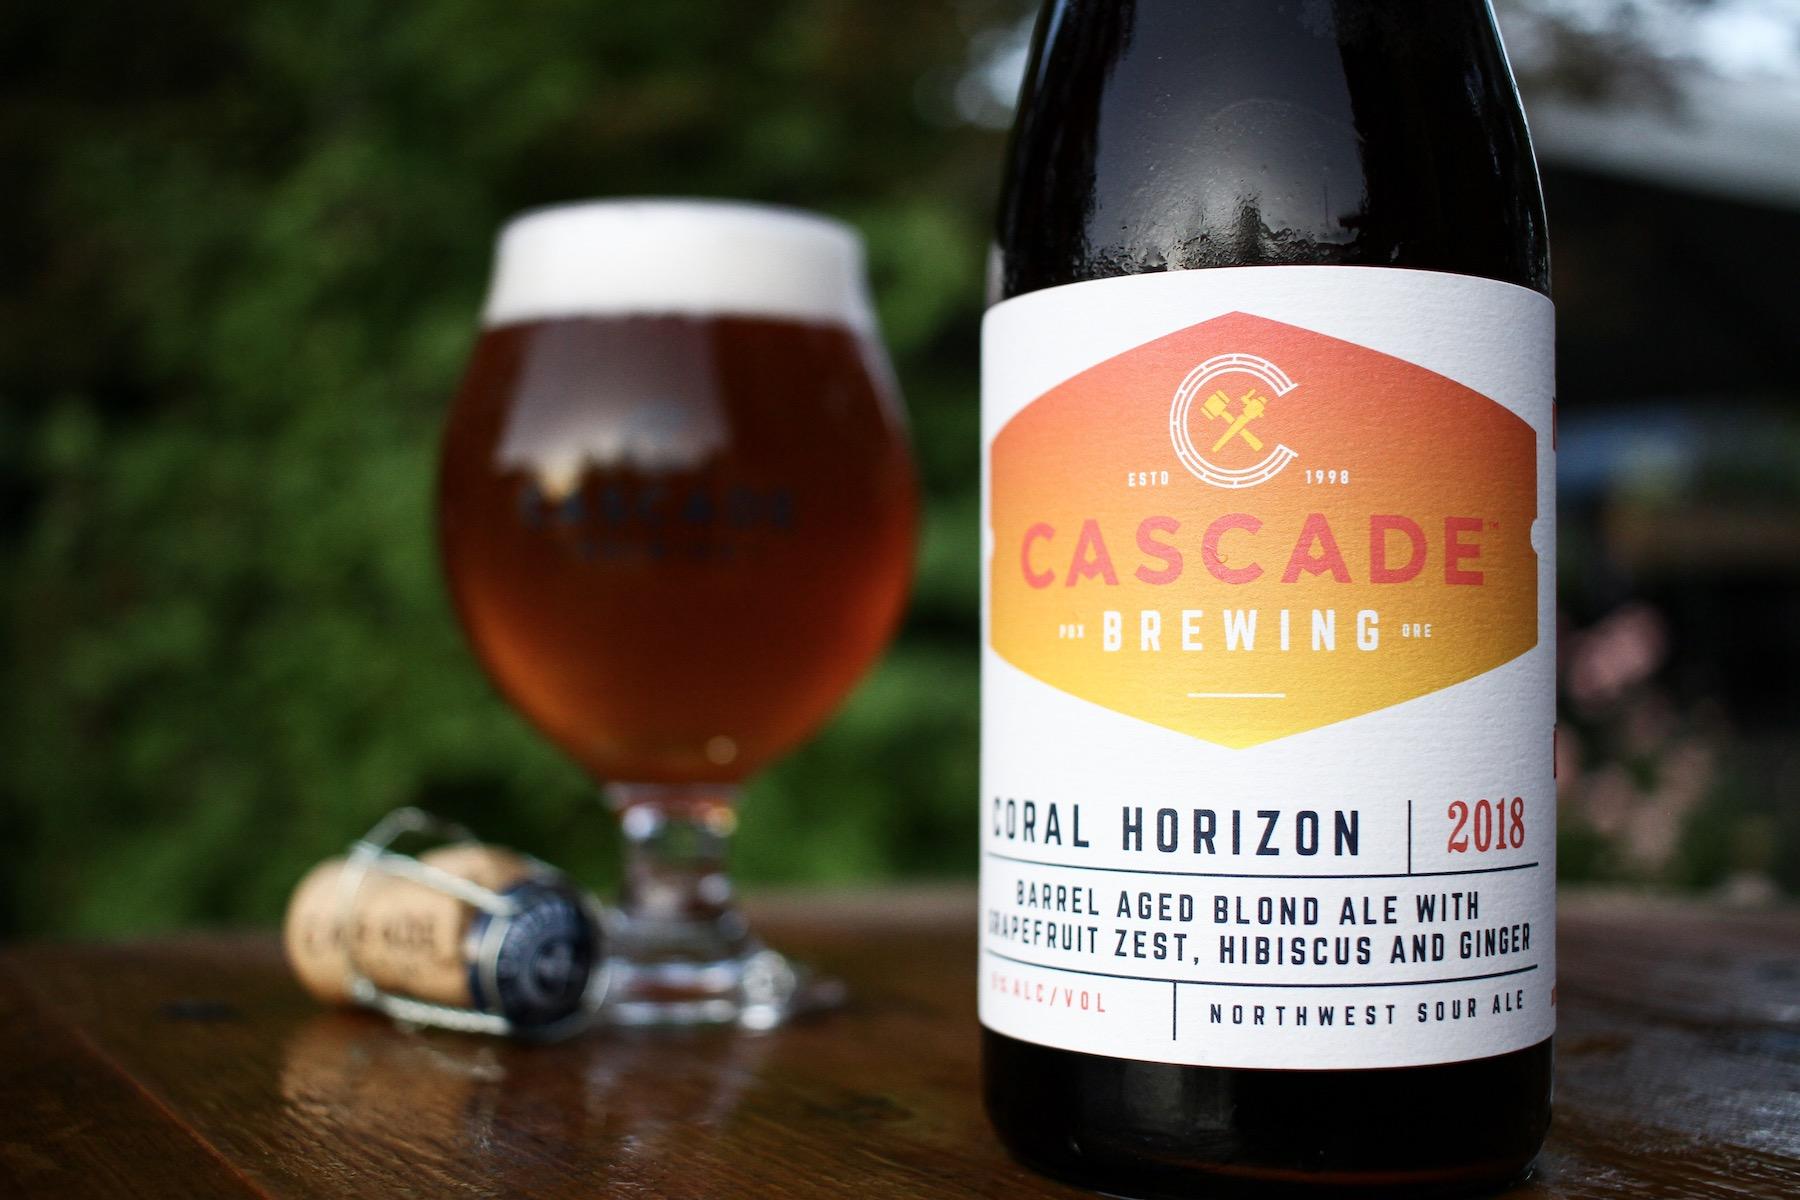 coral horizon beer